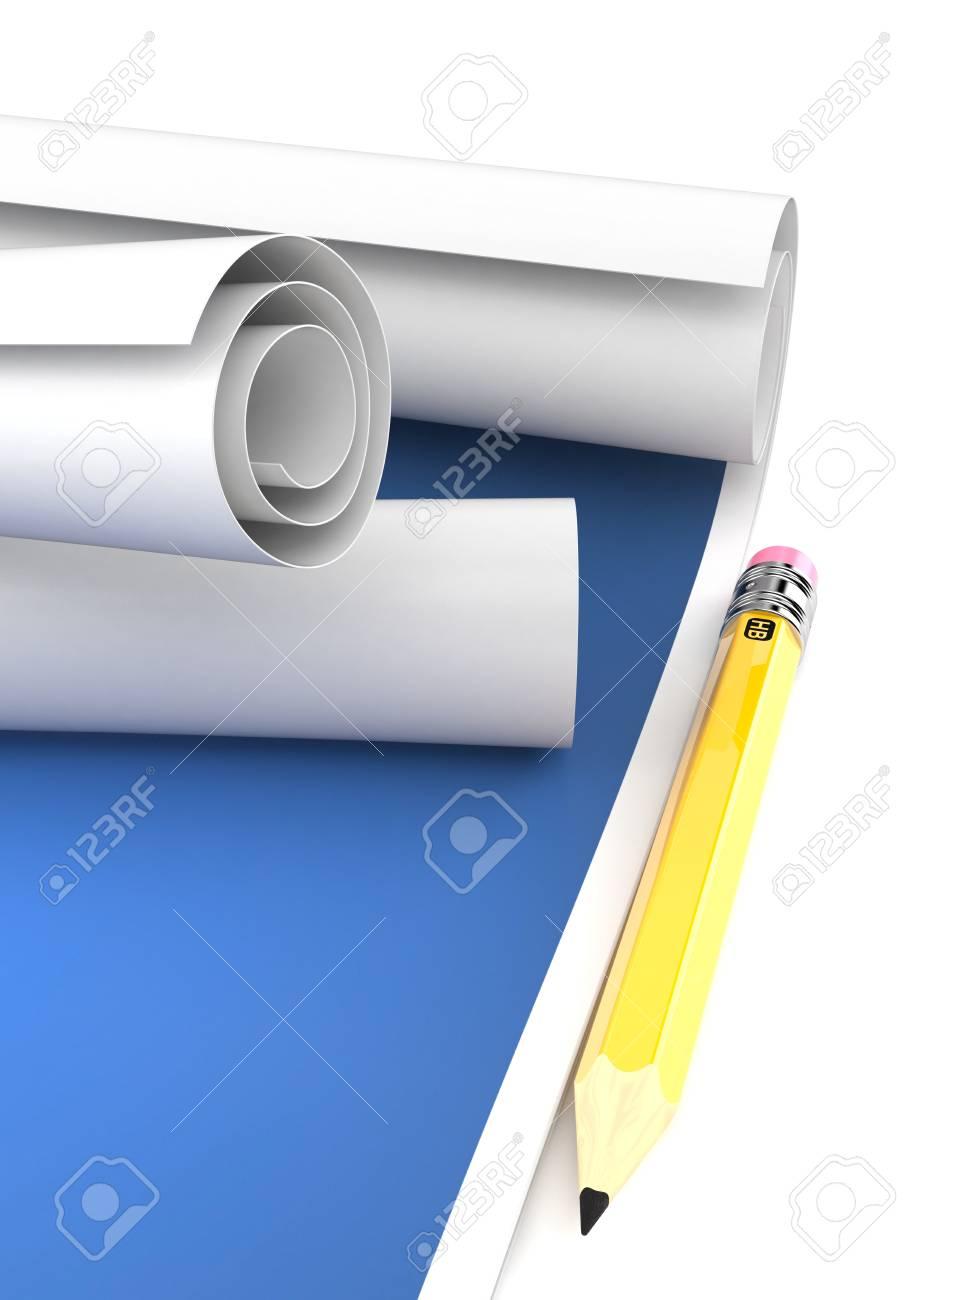 Blueprint isolated on white background stock photo picture and blueprint isolated on white background stock photo 94245712 malvernweather Choice Image